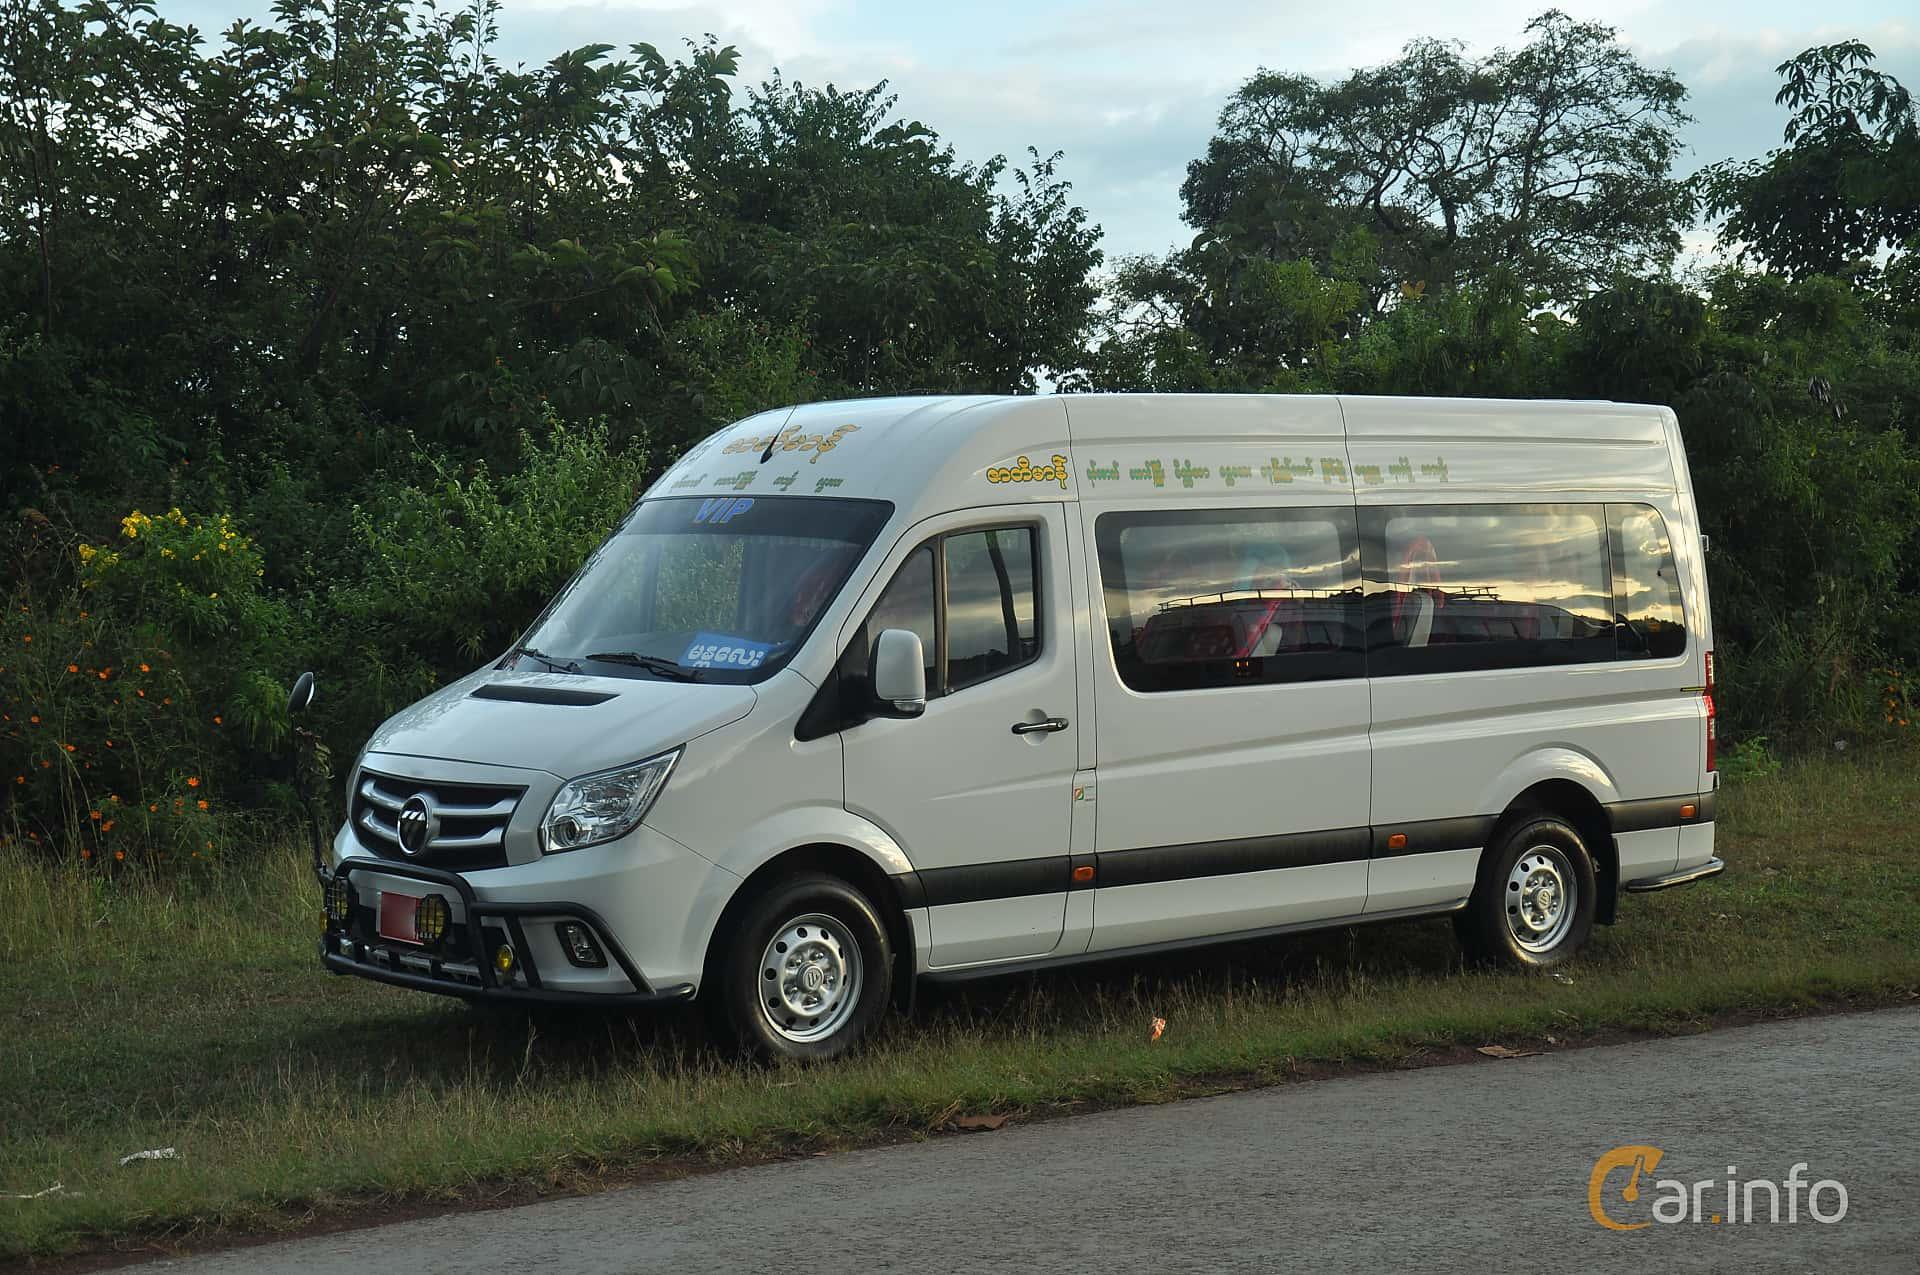 покажите пожалуйста микроавтобус фотон с пробегом хозяева